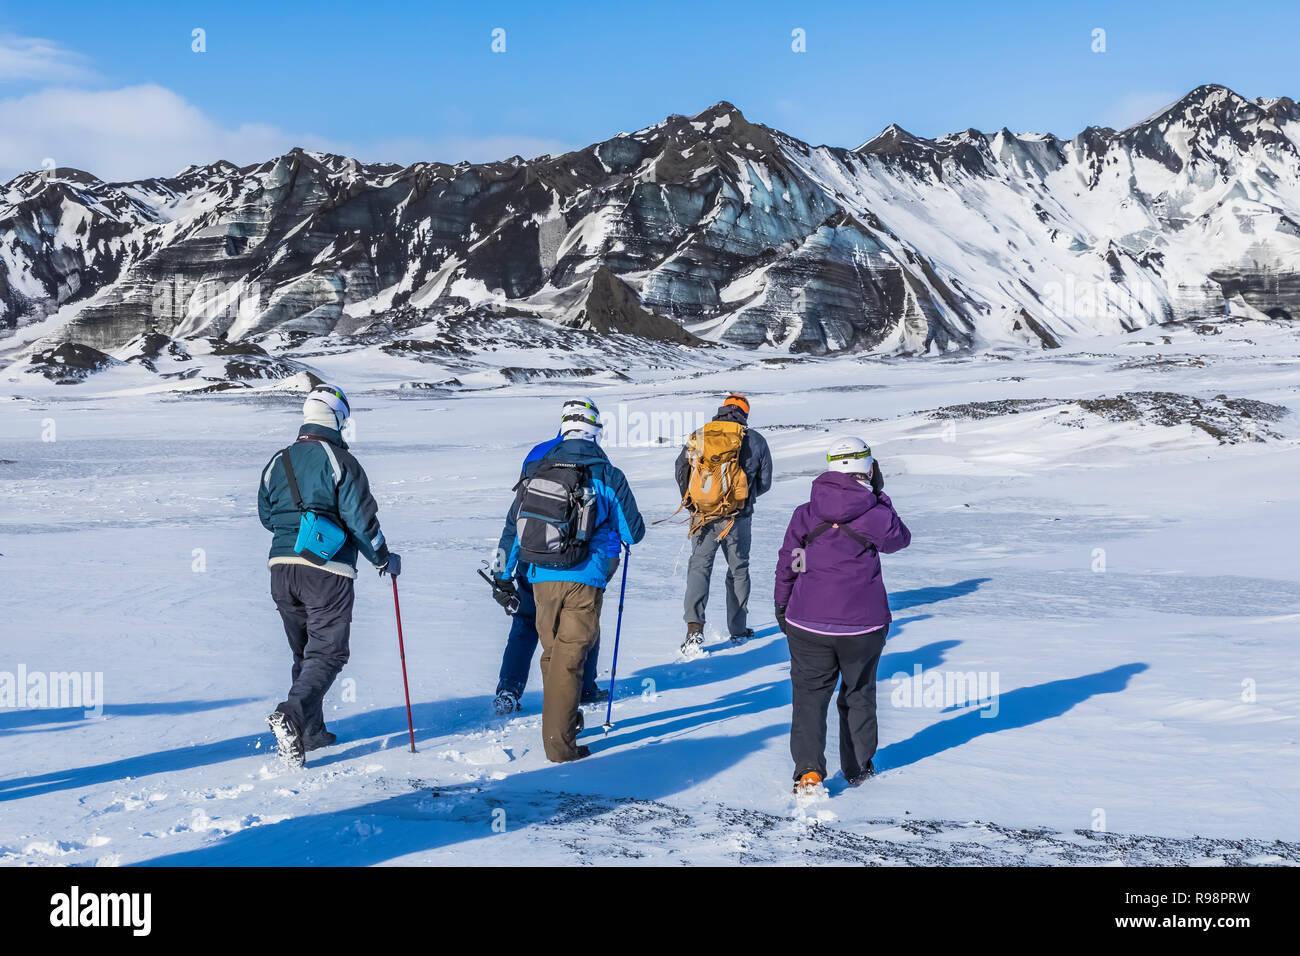 Aventuriers marche sur une grotte de glace tour à un lobe du Glacier Mýrdalsjökull, qui se dresse au sommet du volcan Katla, en hiver en Islande [aucun modèle de presse; av Banque D'Images